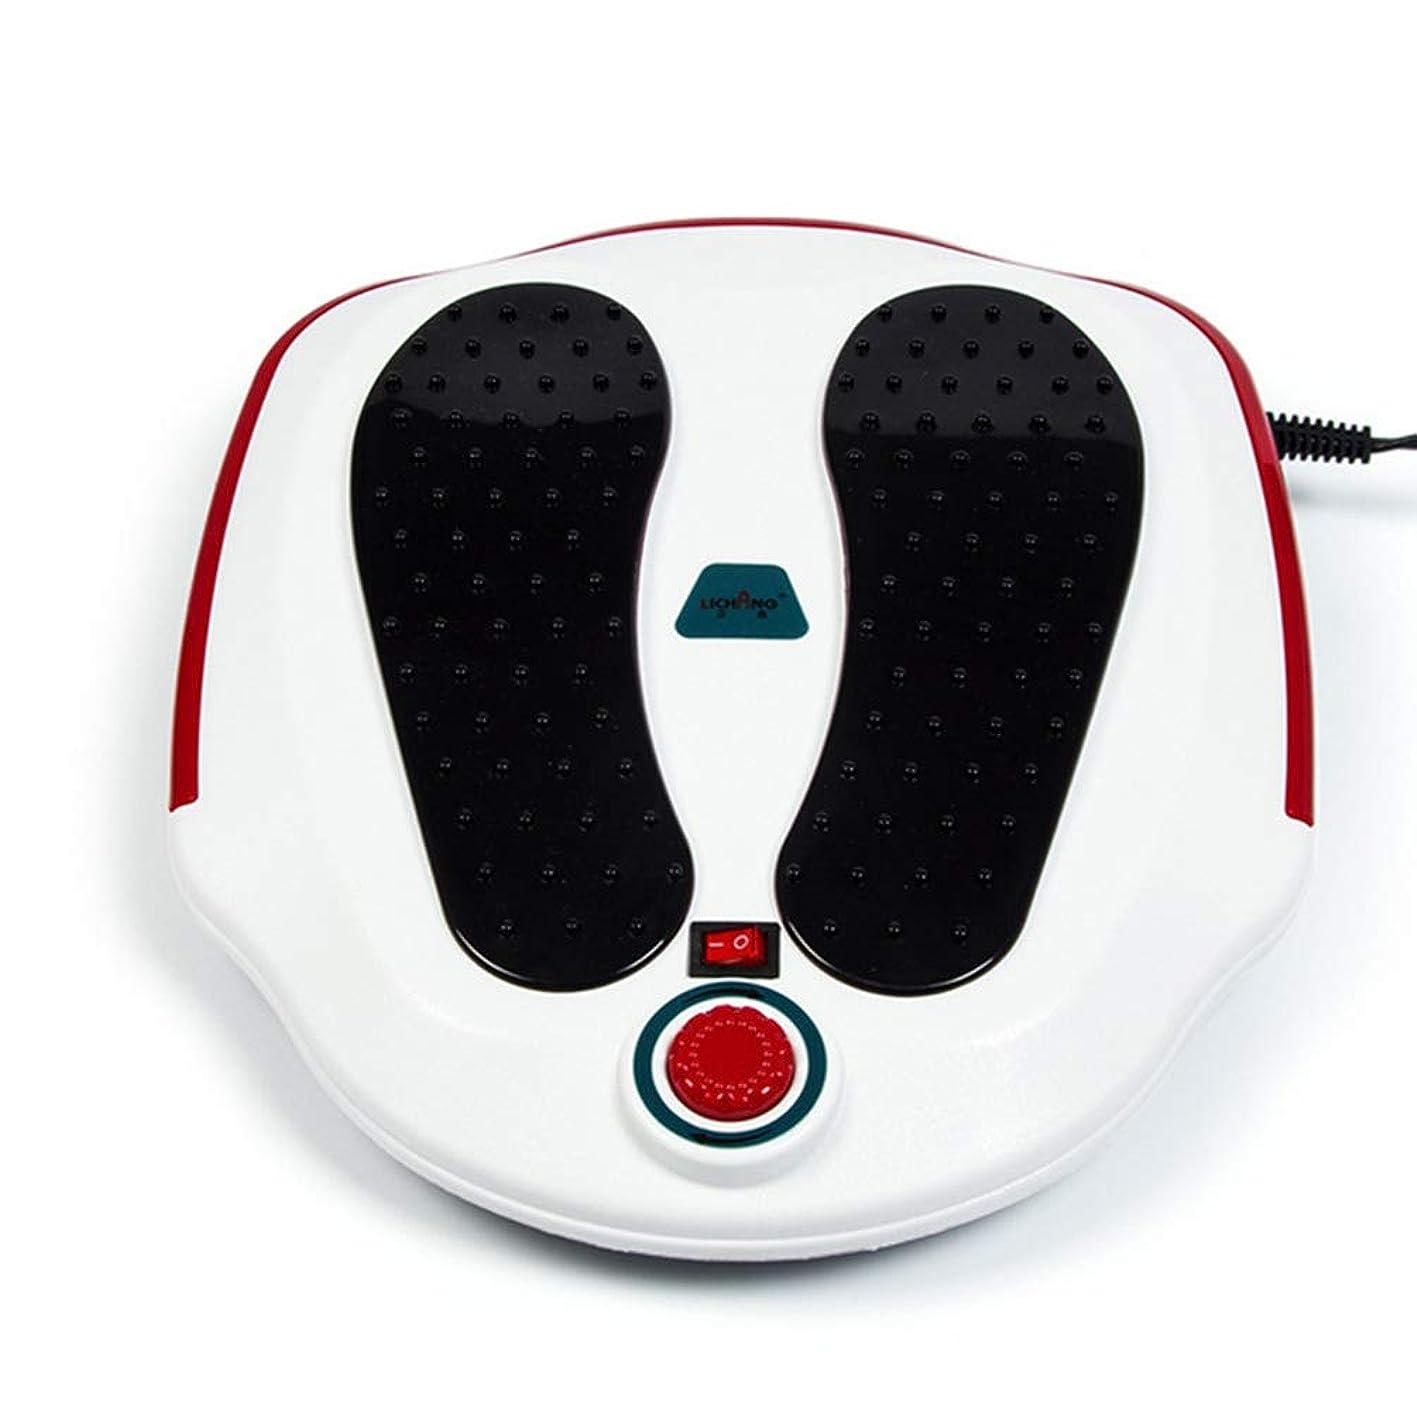 開拓者動揺させる仲介者リモコン フットマッサージャー、フルフットマッサージエクスペリエンス用ABS素材、循環系の改善、硬い筋肉の柔らかさ、痛みの緩和治療。 インテリジェント